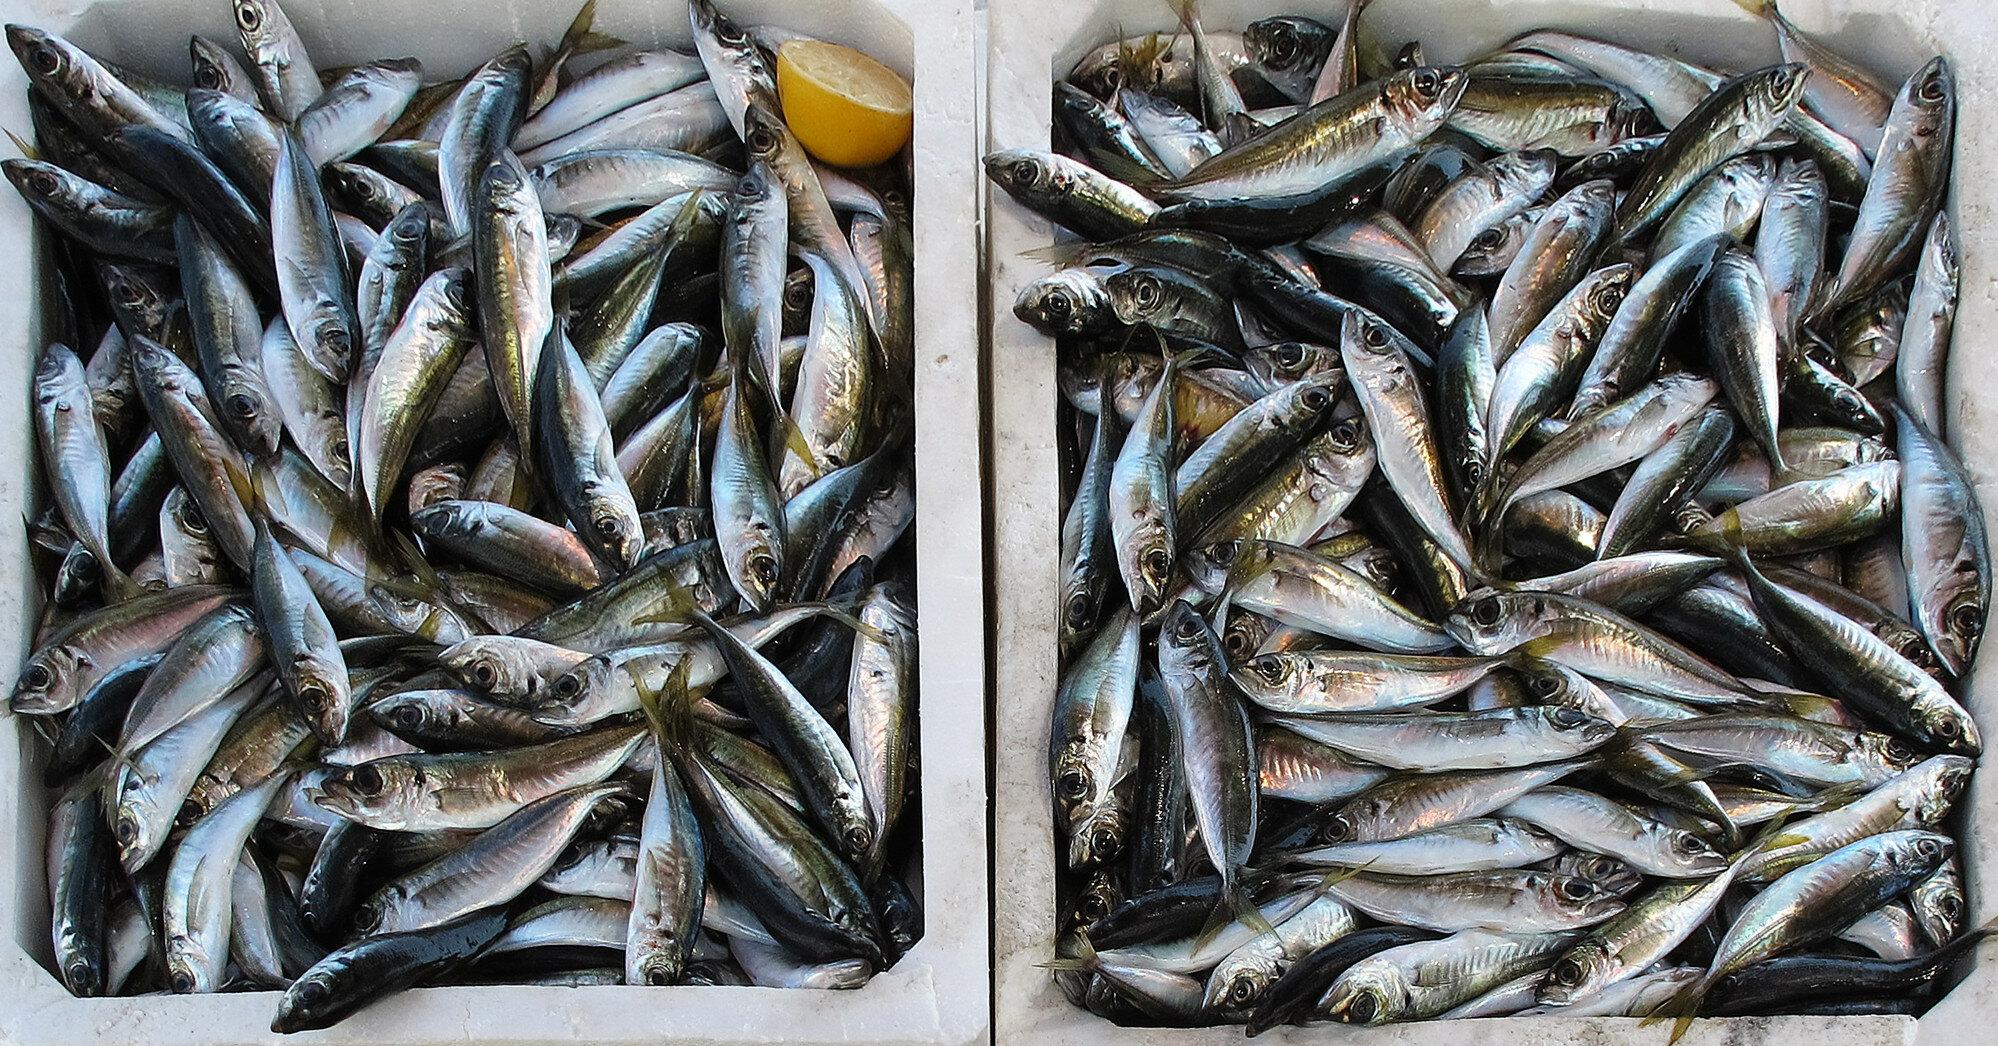 Экспорт украинской рыбы увеличился: крупнейшие покупатели